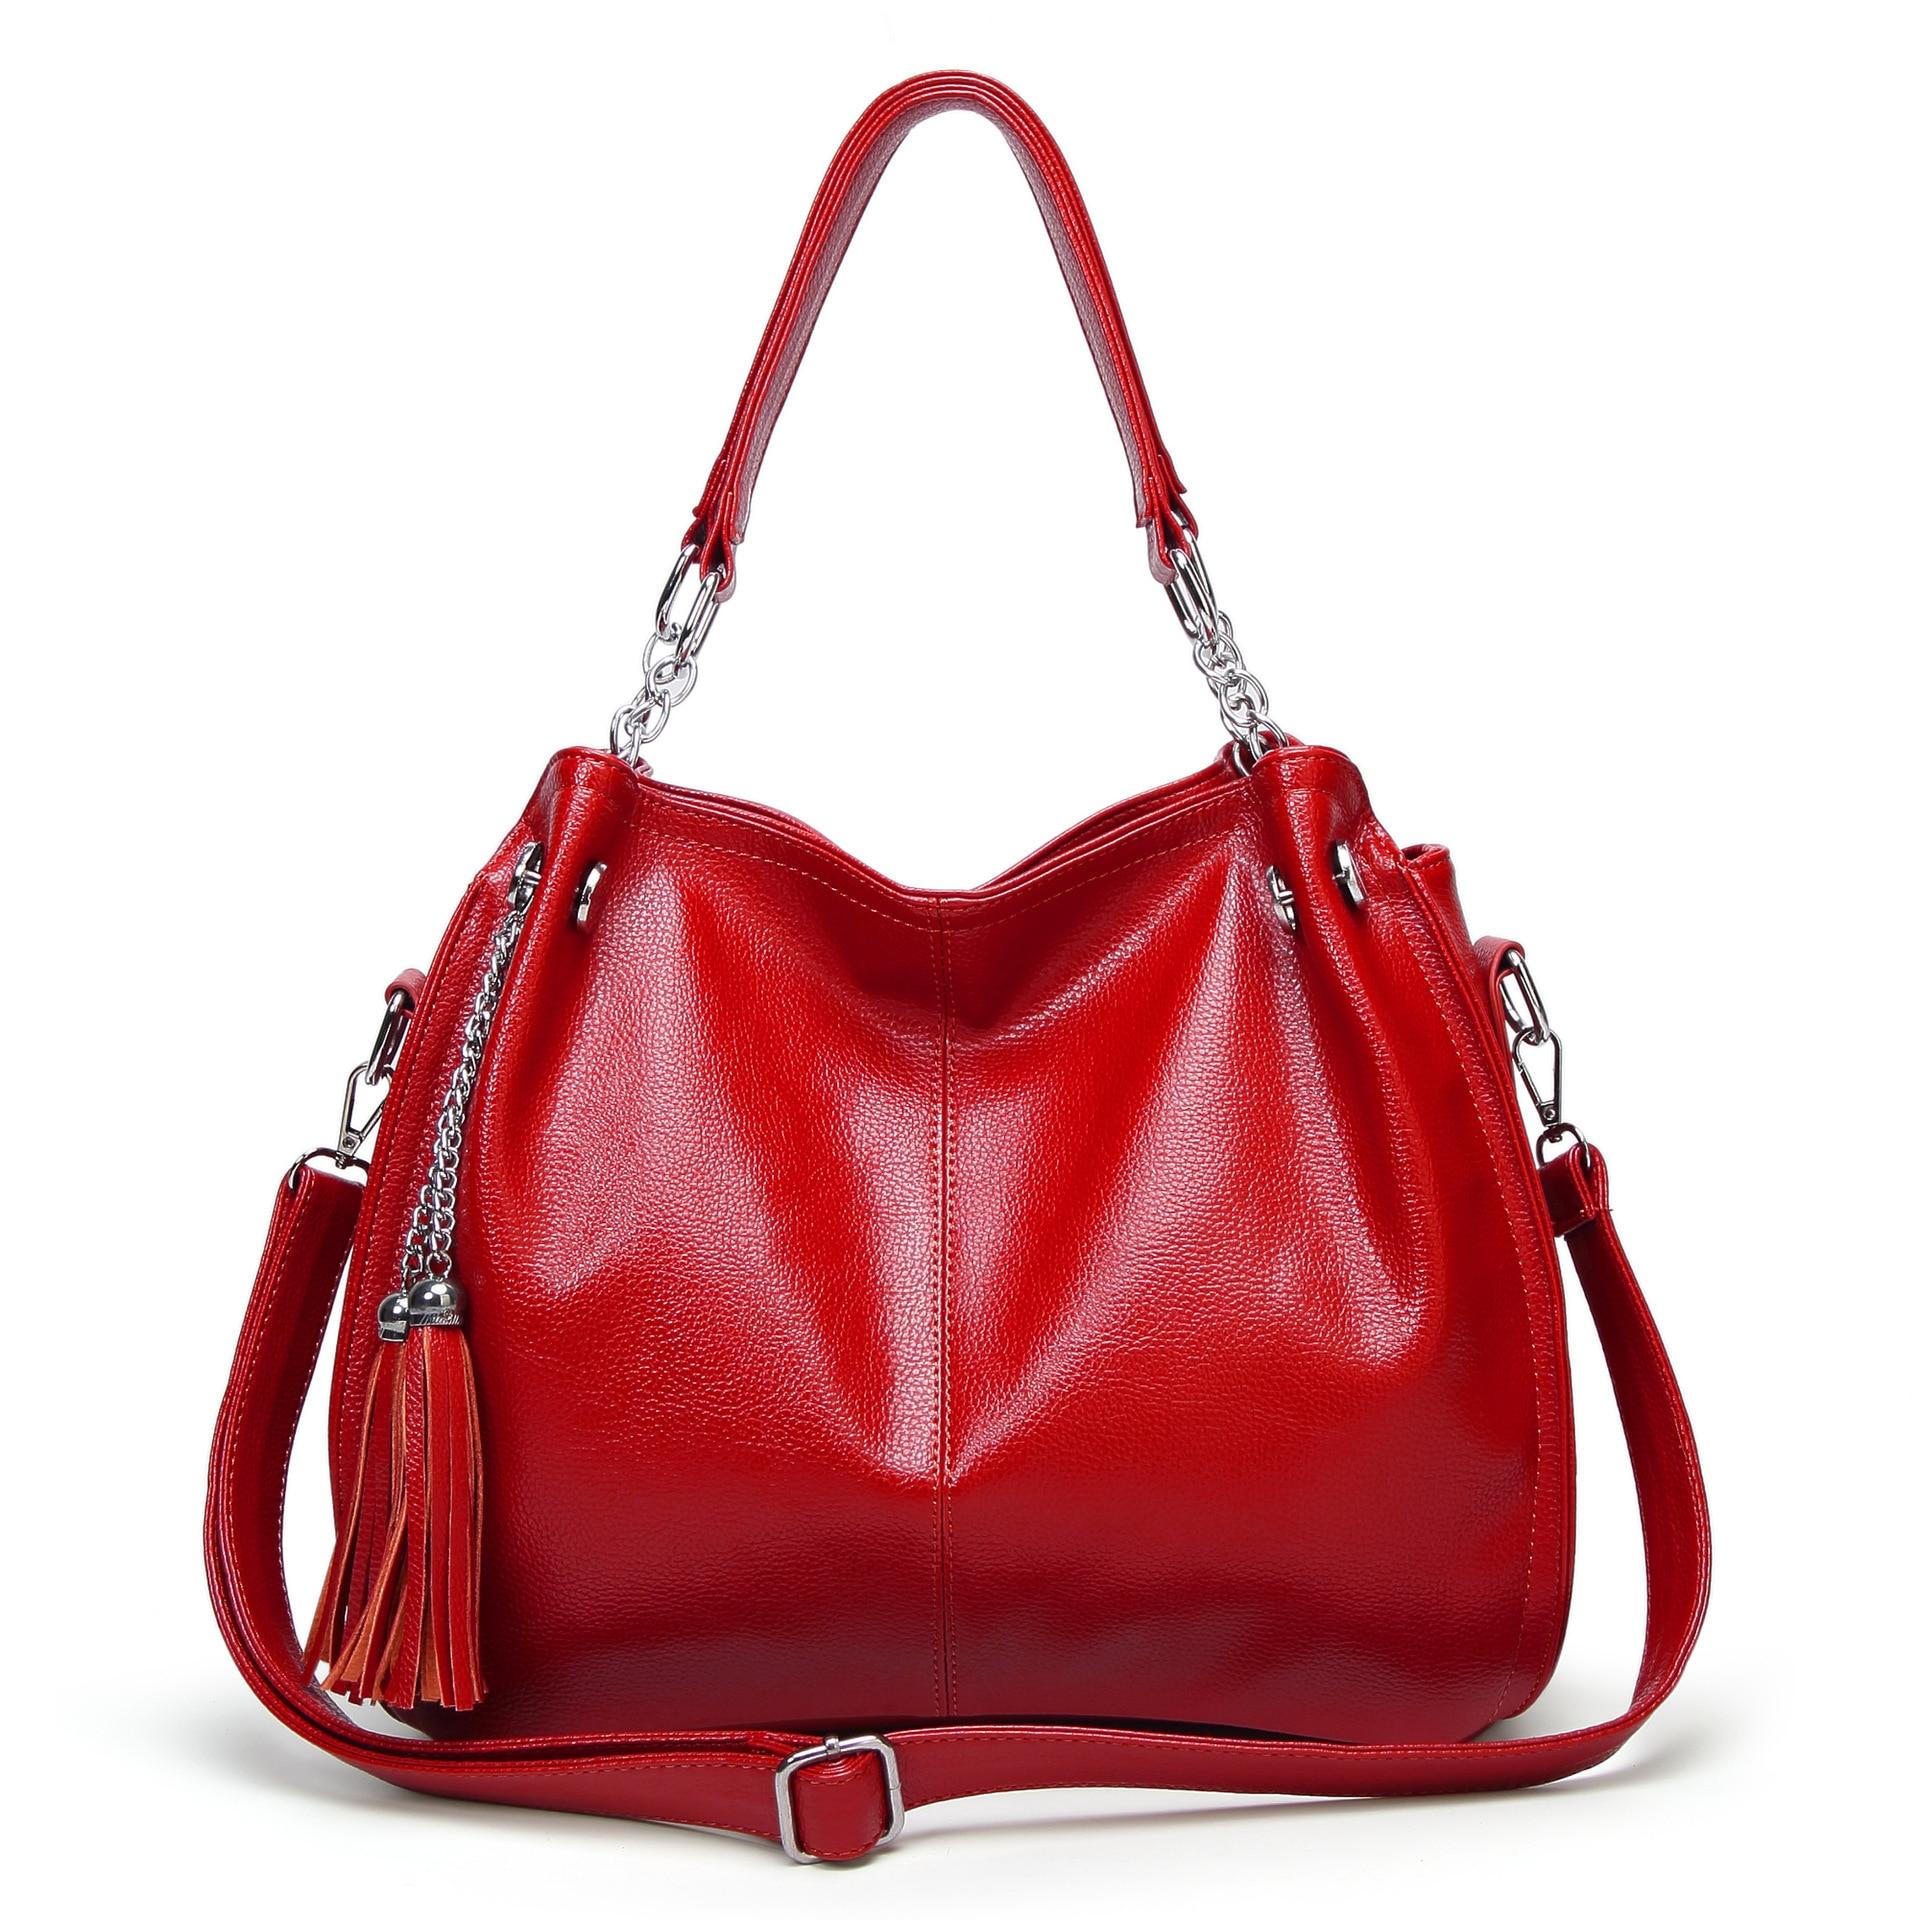 Tassel Women Handbags Design Ladies Shoulder Bags Pu Leather Female Girl Luxury Hobos Crossbody Bag